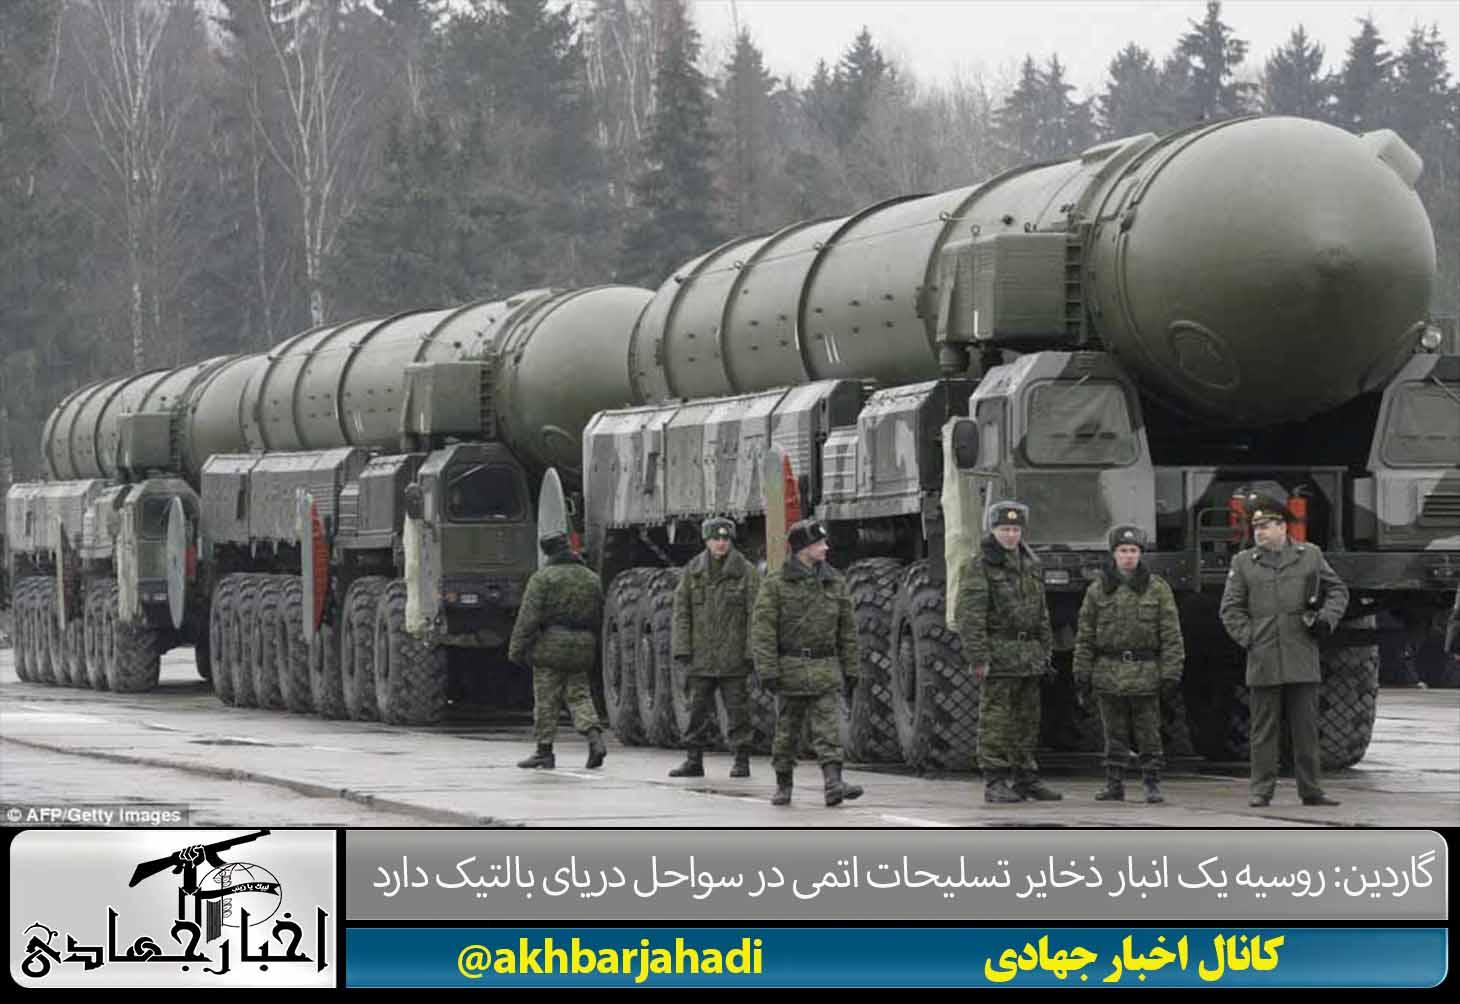 گاردین: روسیه یک انبار ذخایر تسلیحات اتمی در سواحل دریای بالتیک دارد